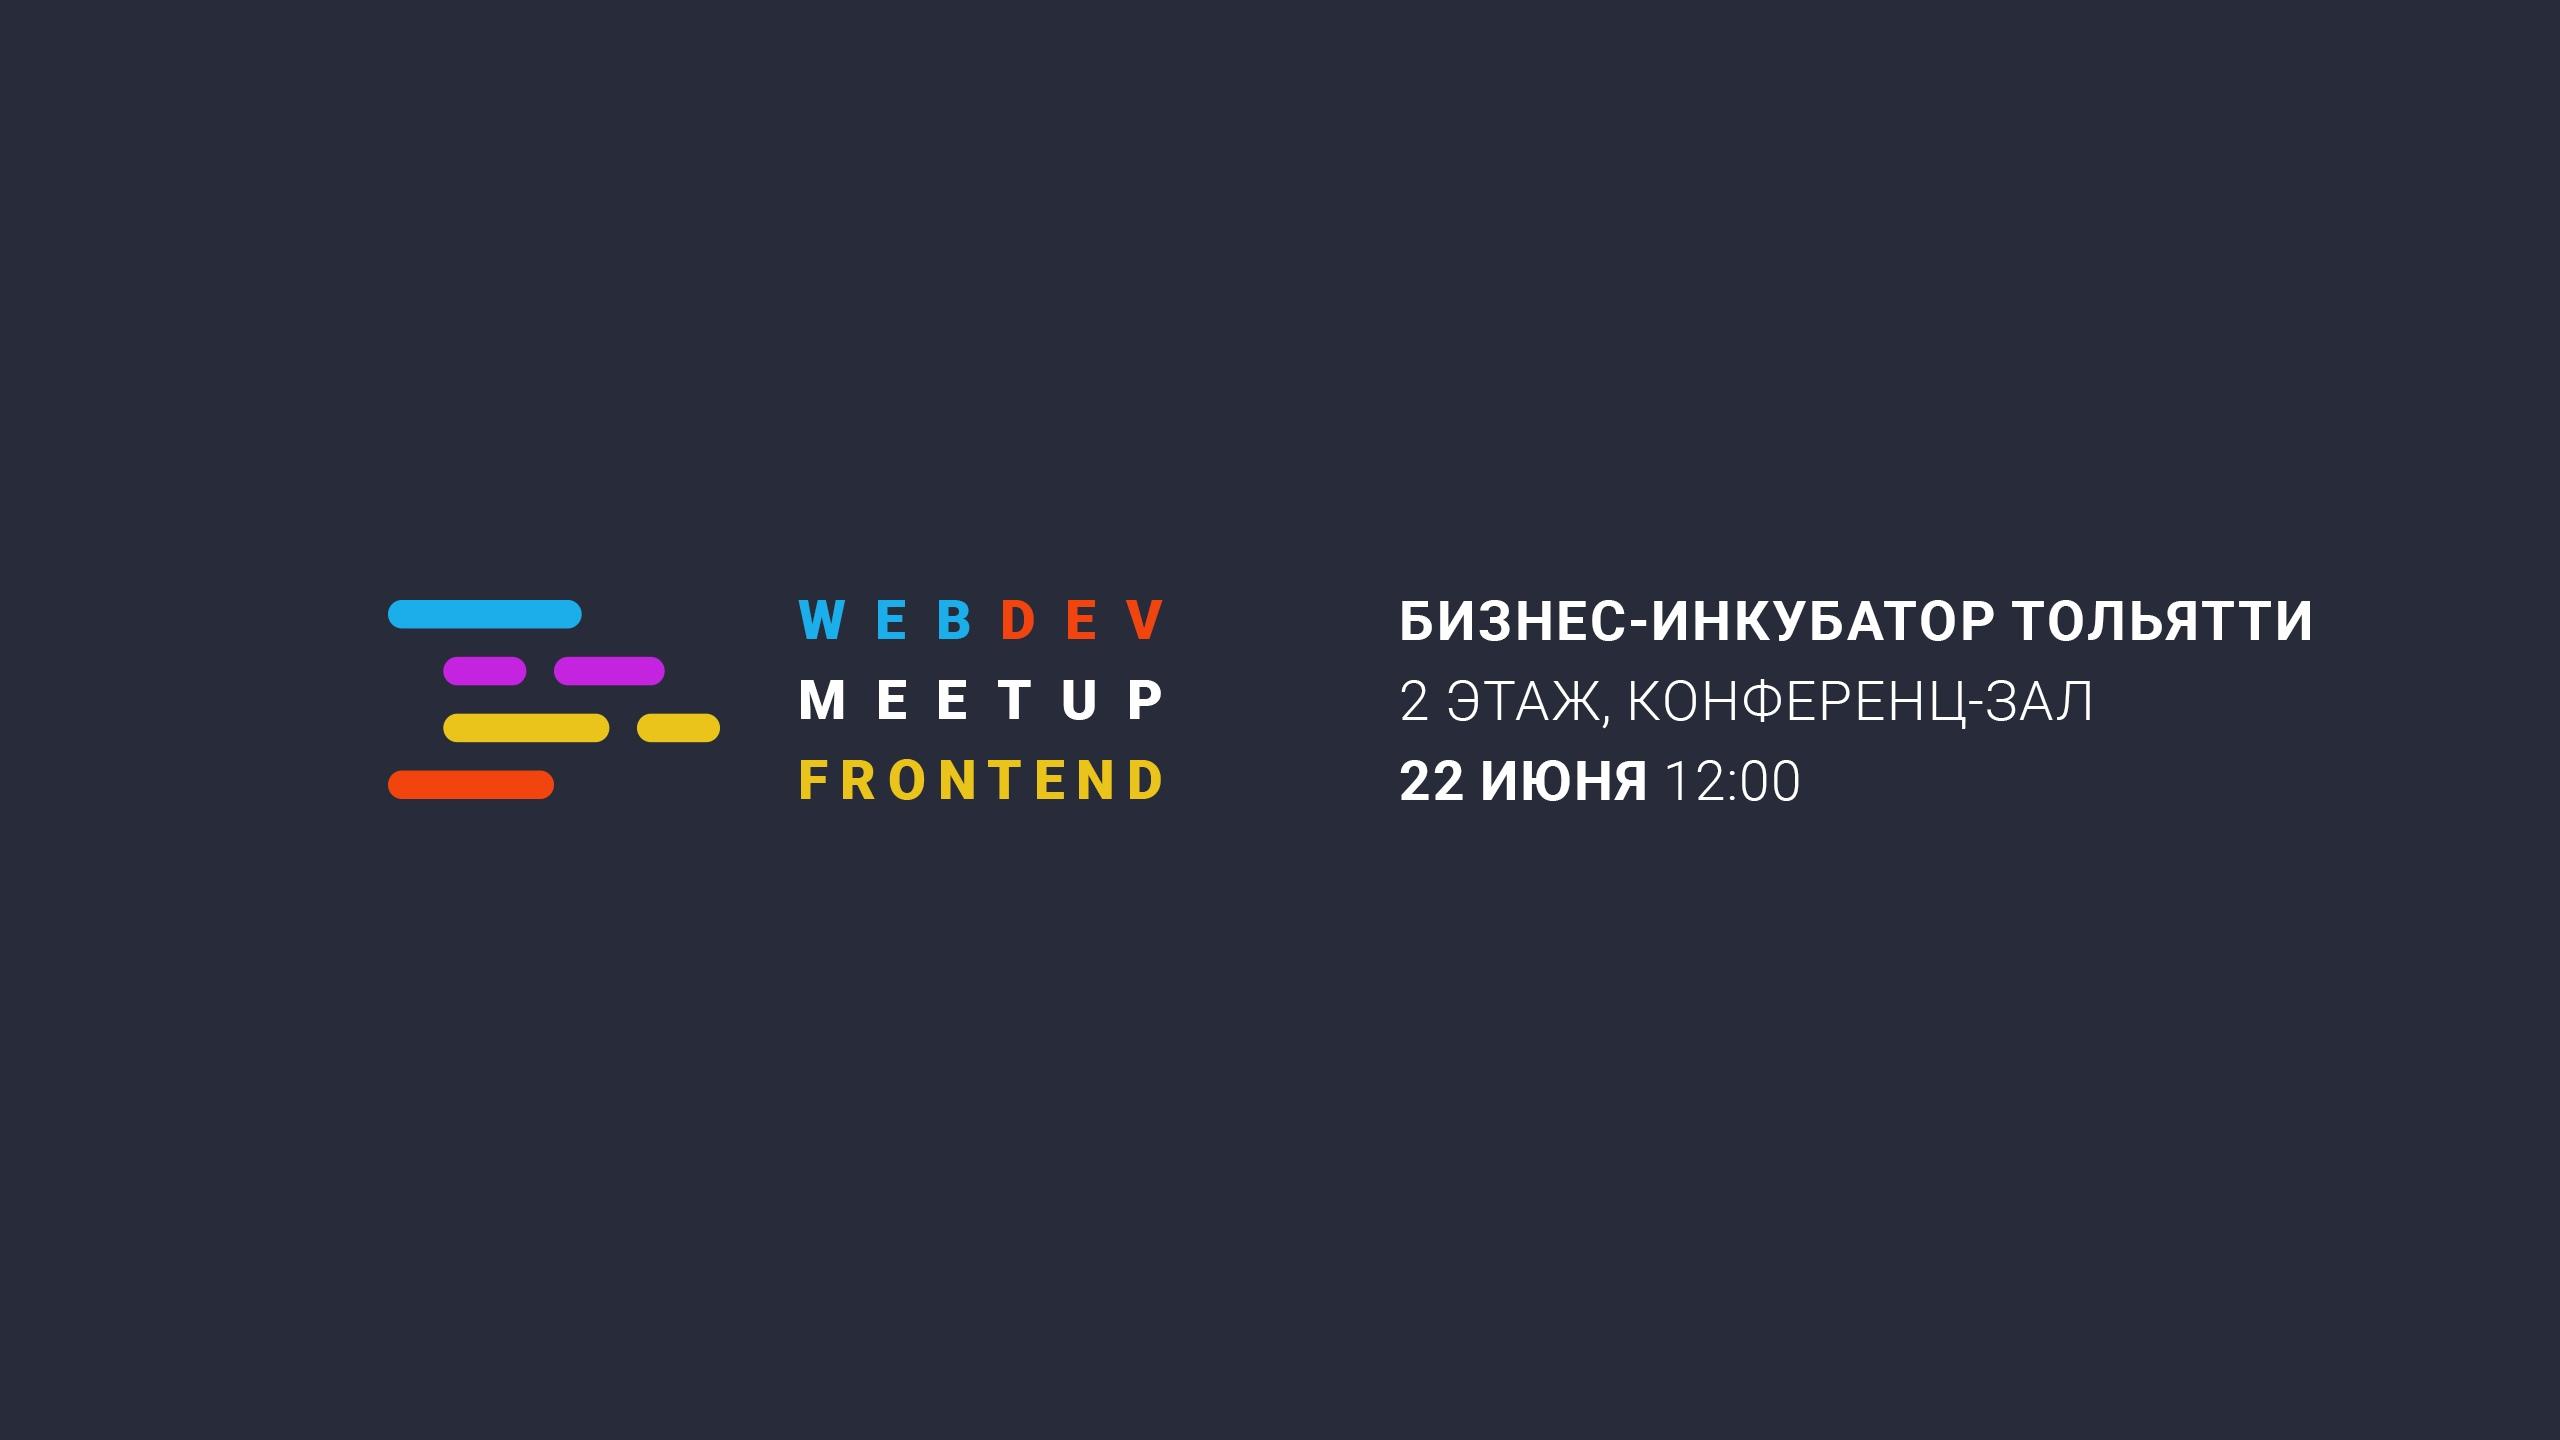 В Тольятти состоится WebDev Meetup, посвященный фронтенд-разработке